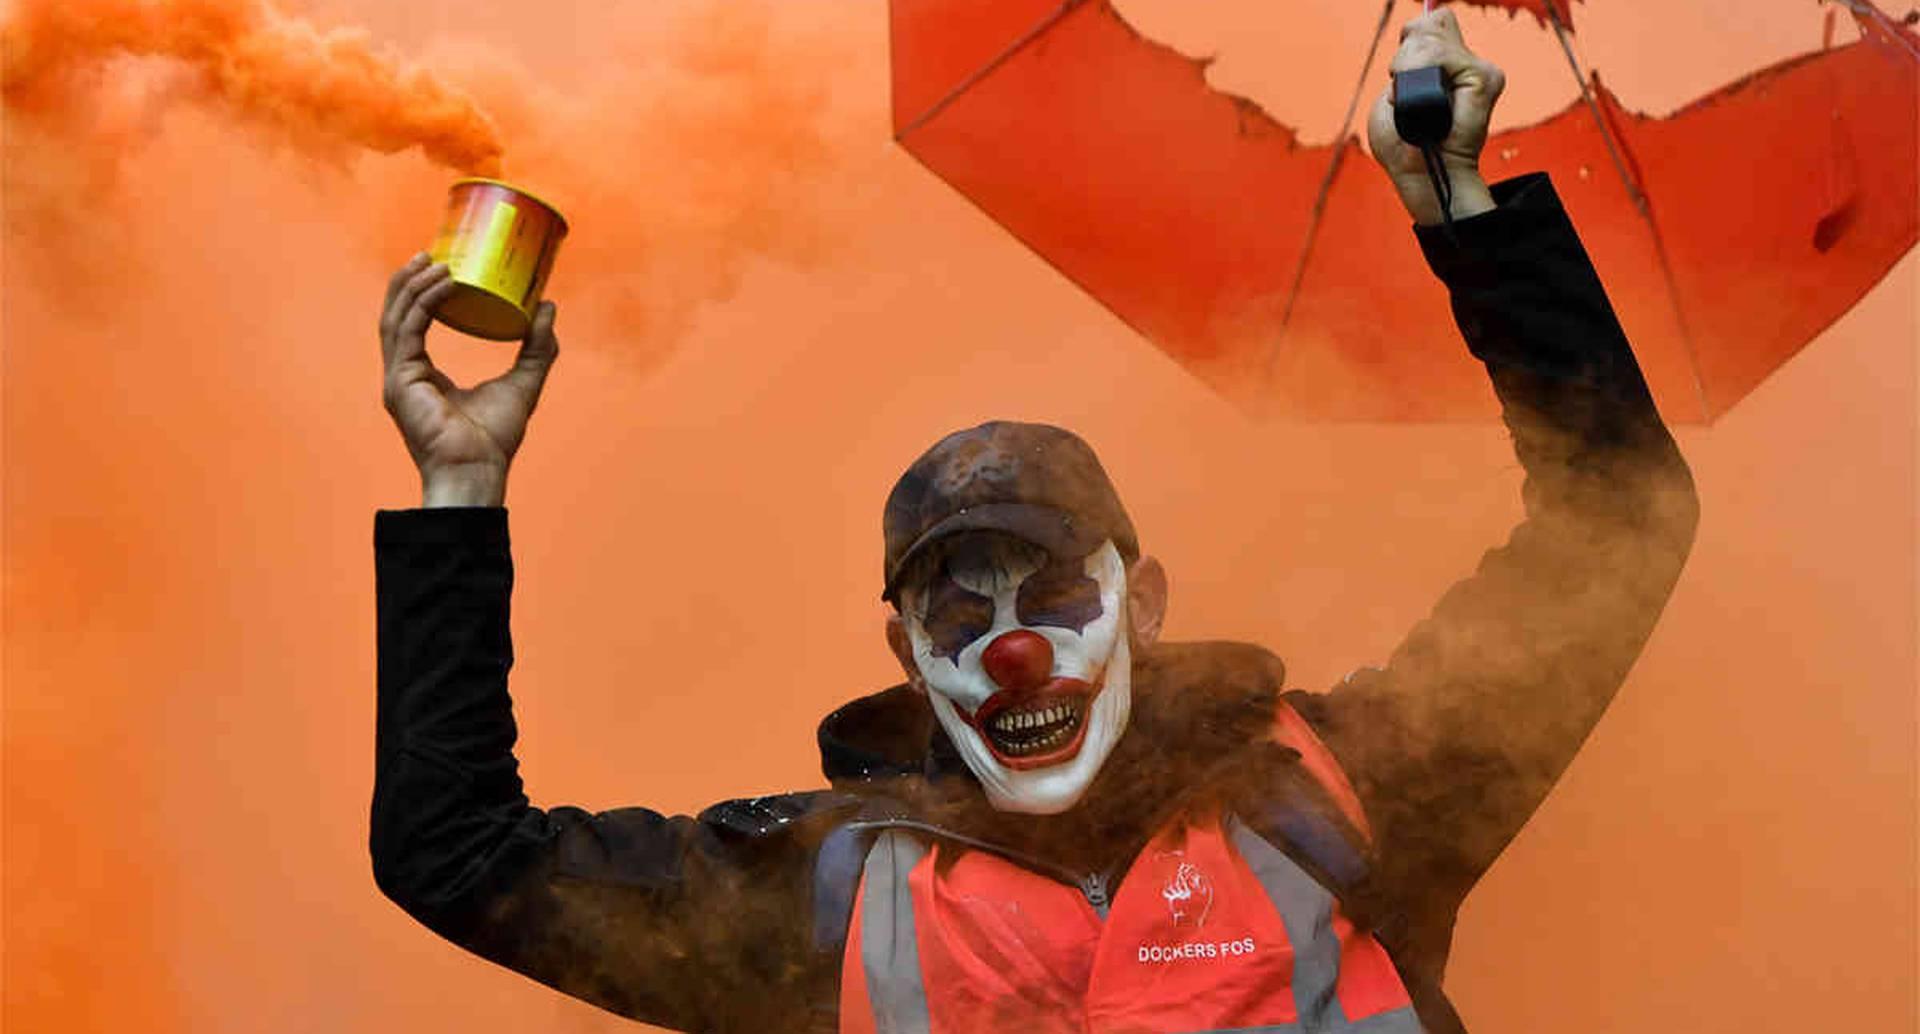 Un hombre con la máscara del Guasón, y que agita una bomba de humo, participa en una manifestación contra las reformas de las pensiones en Marsella, Francia, el 5 de diciembre de 2019. (Foto: por Clement Mhoudeau / AFP)